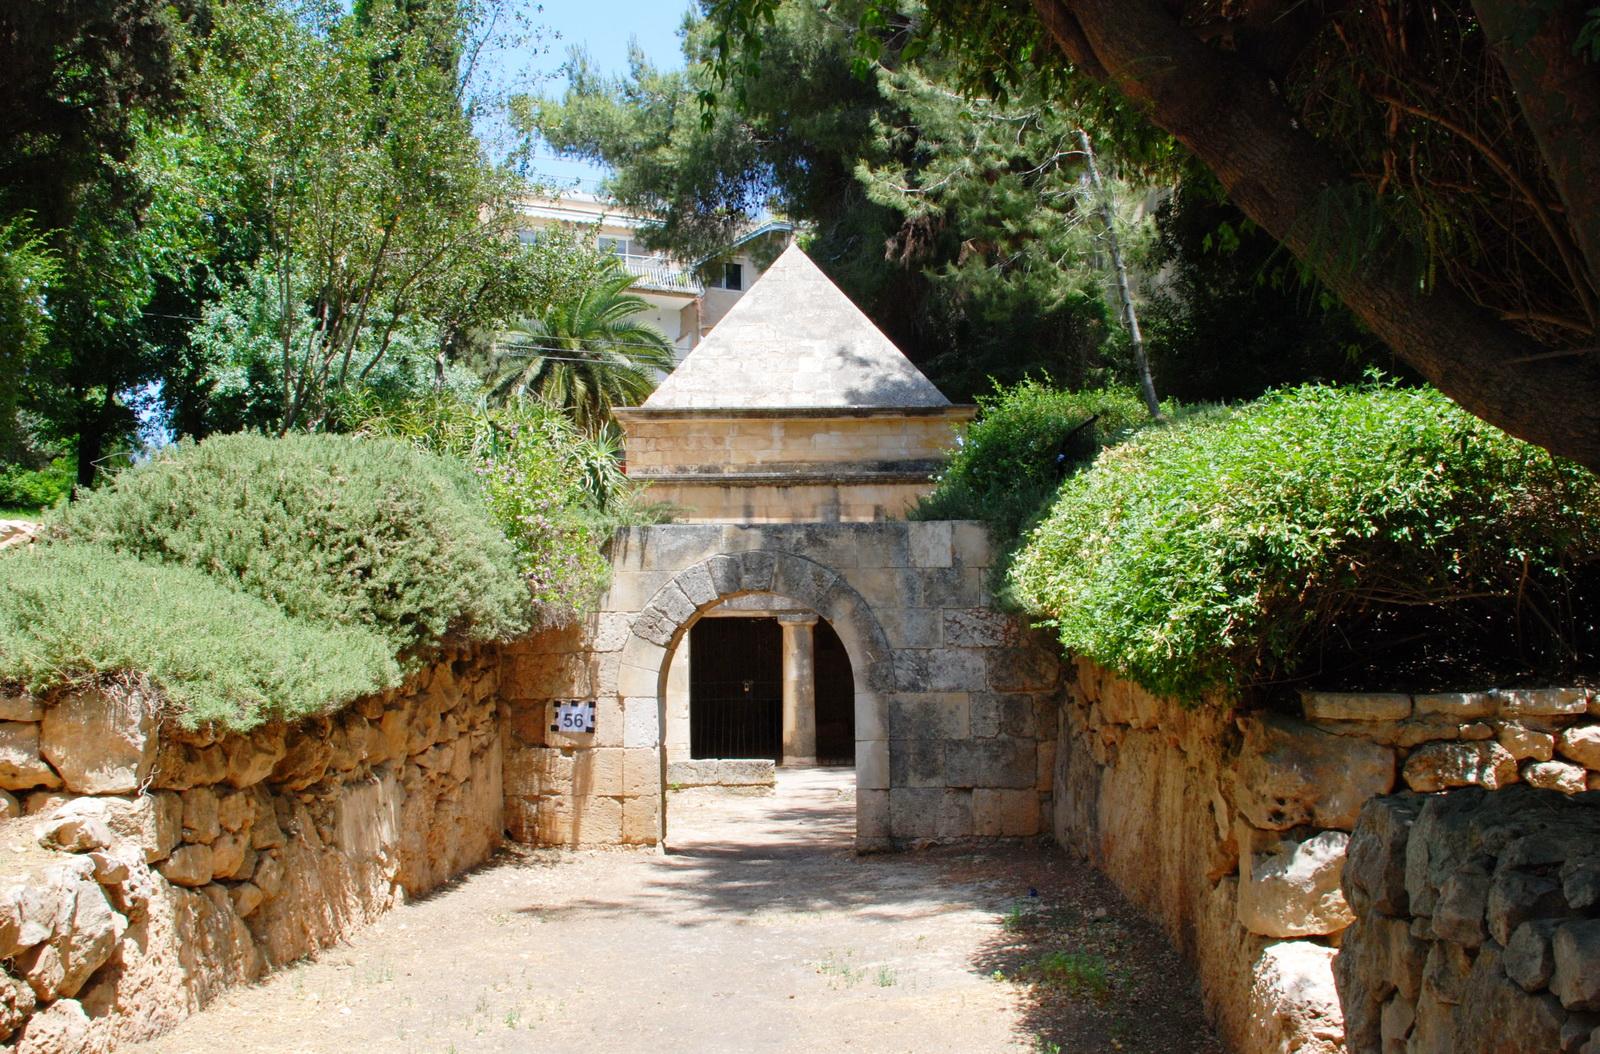 קברים בירושלים - קבר יאסון, מימי בית שני - ברח' אלפסי 15 ברחביה